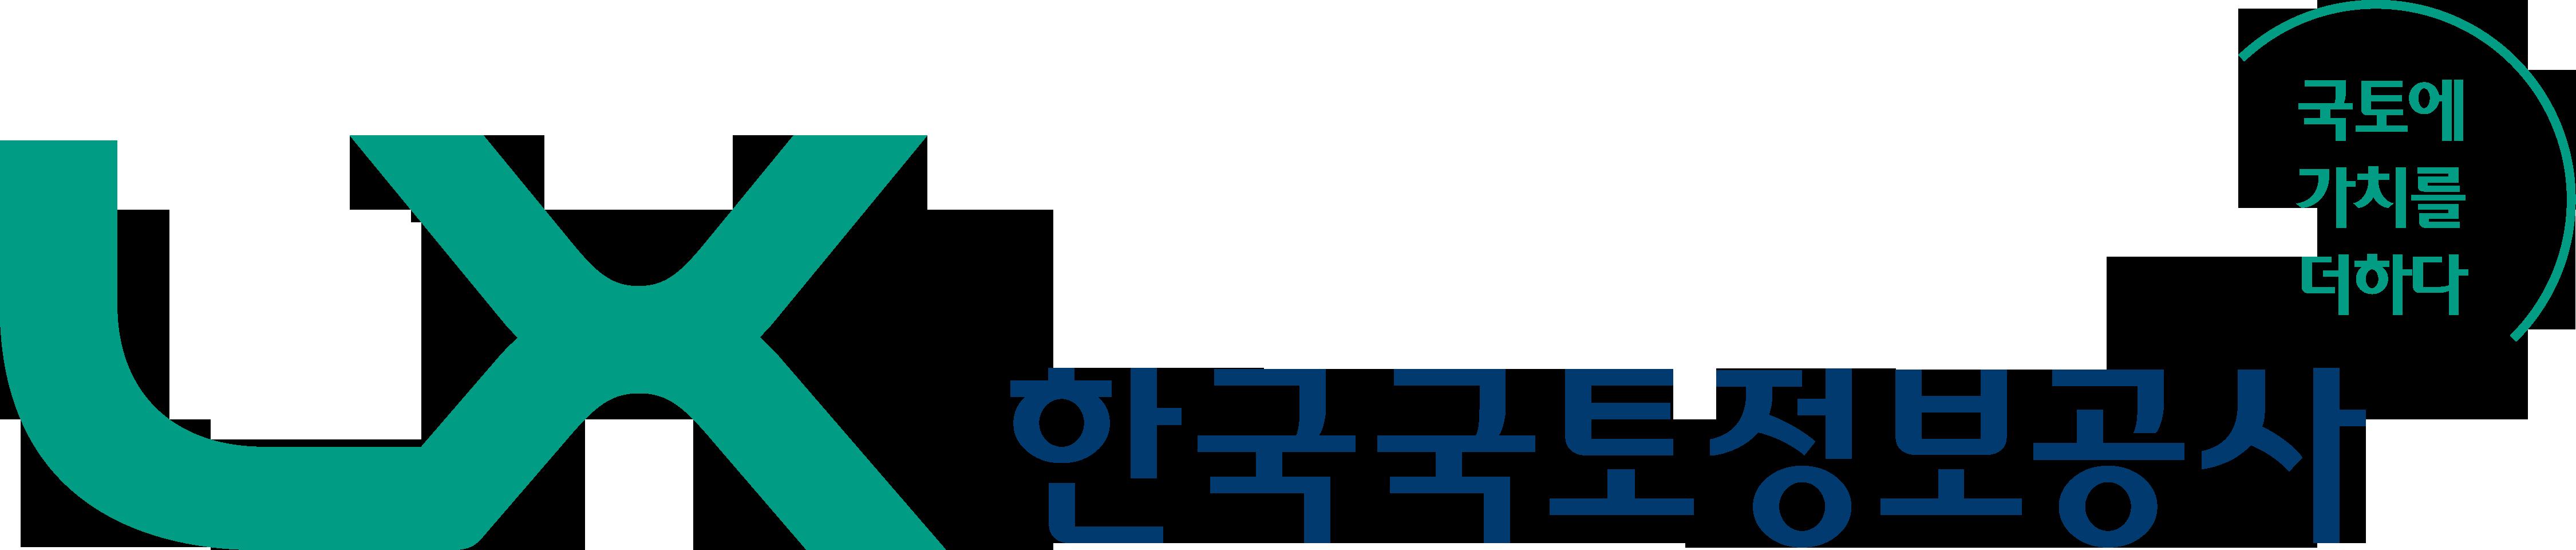 한국국토정보공사 국토에 가치를 더하다